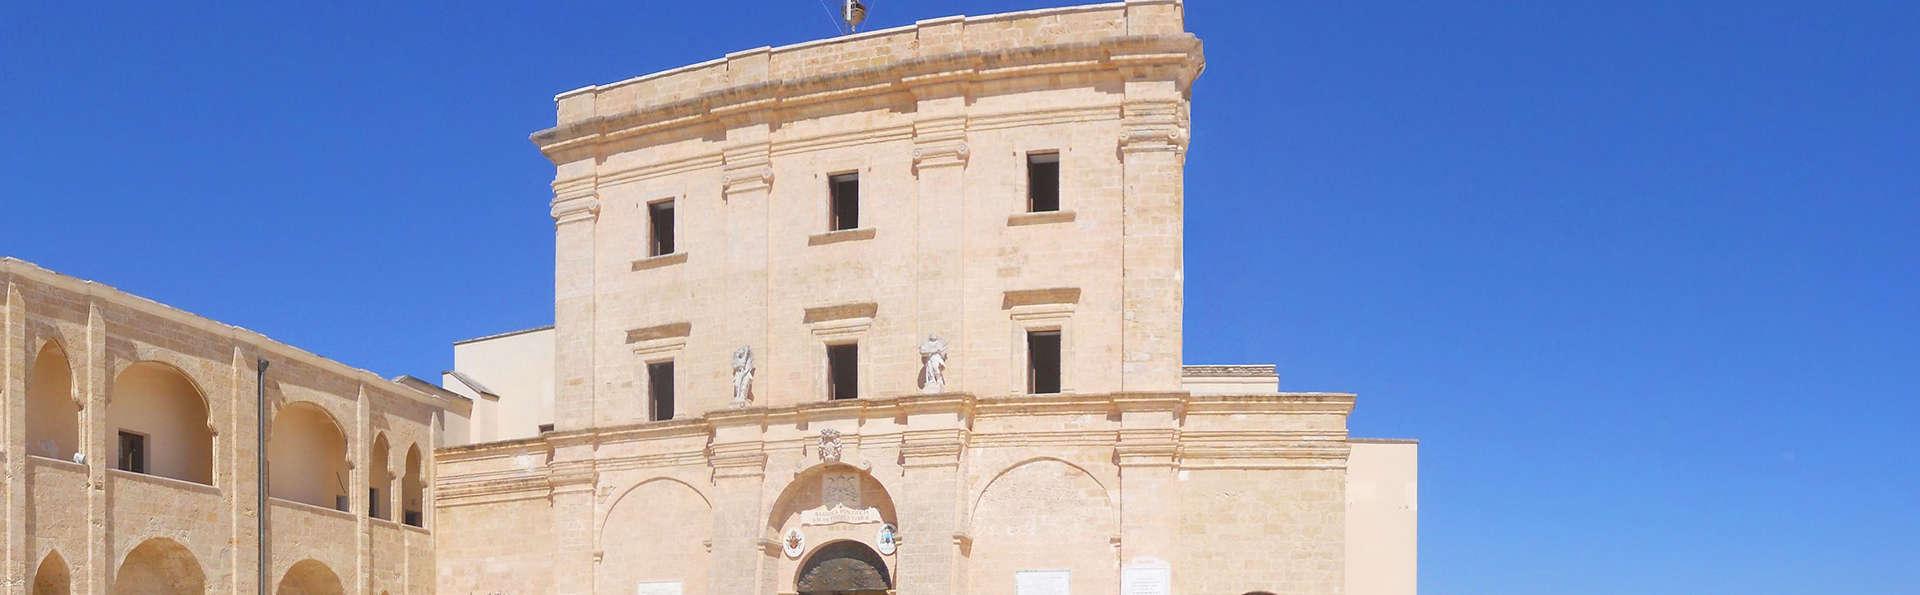 Montirò Hotel - edit_Santa_Maria_di_Leuca.jpg